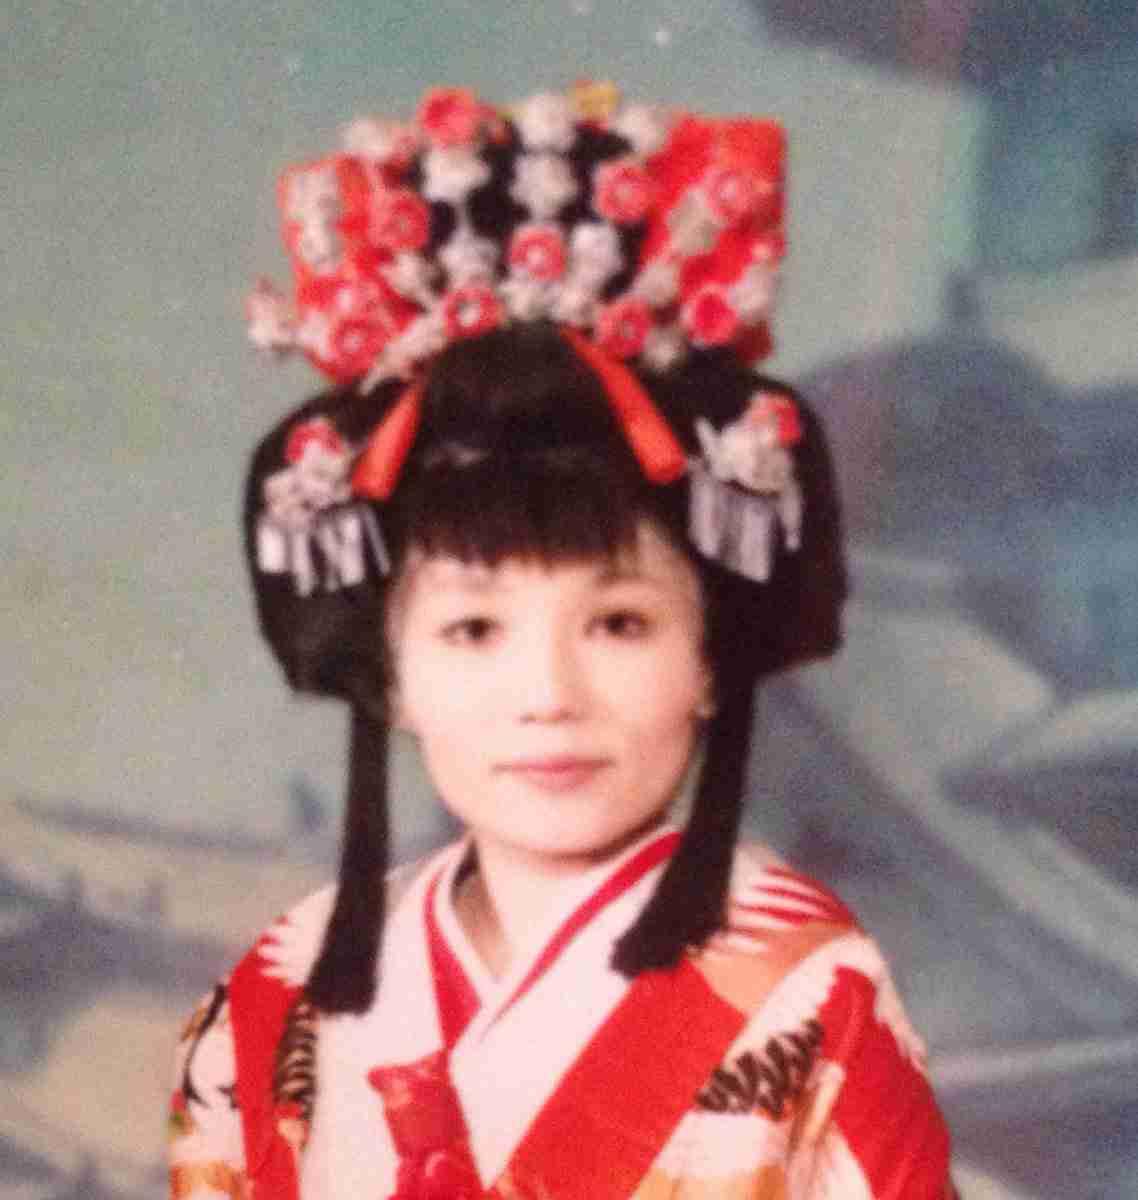 平野ノラ 成人式の写真公開にファン絶賛「超絶美女」「めちゃくちゃキレイ」